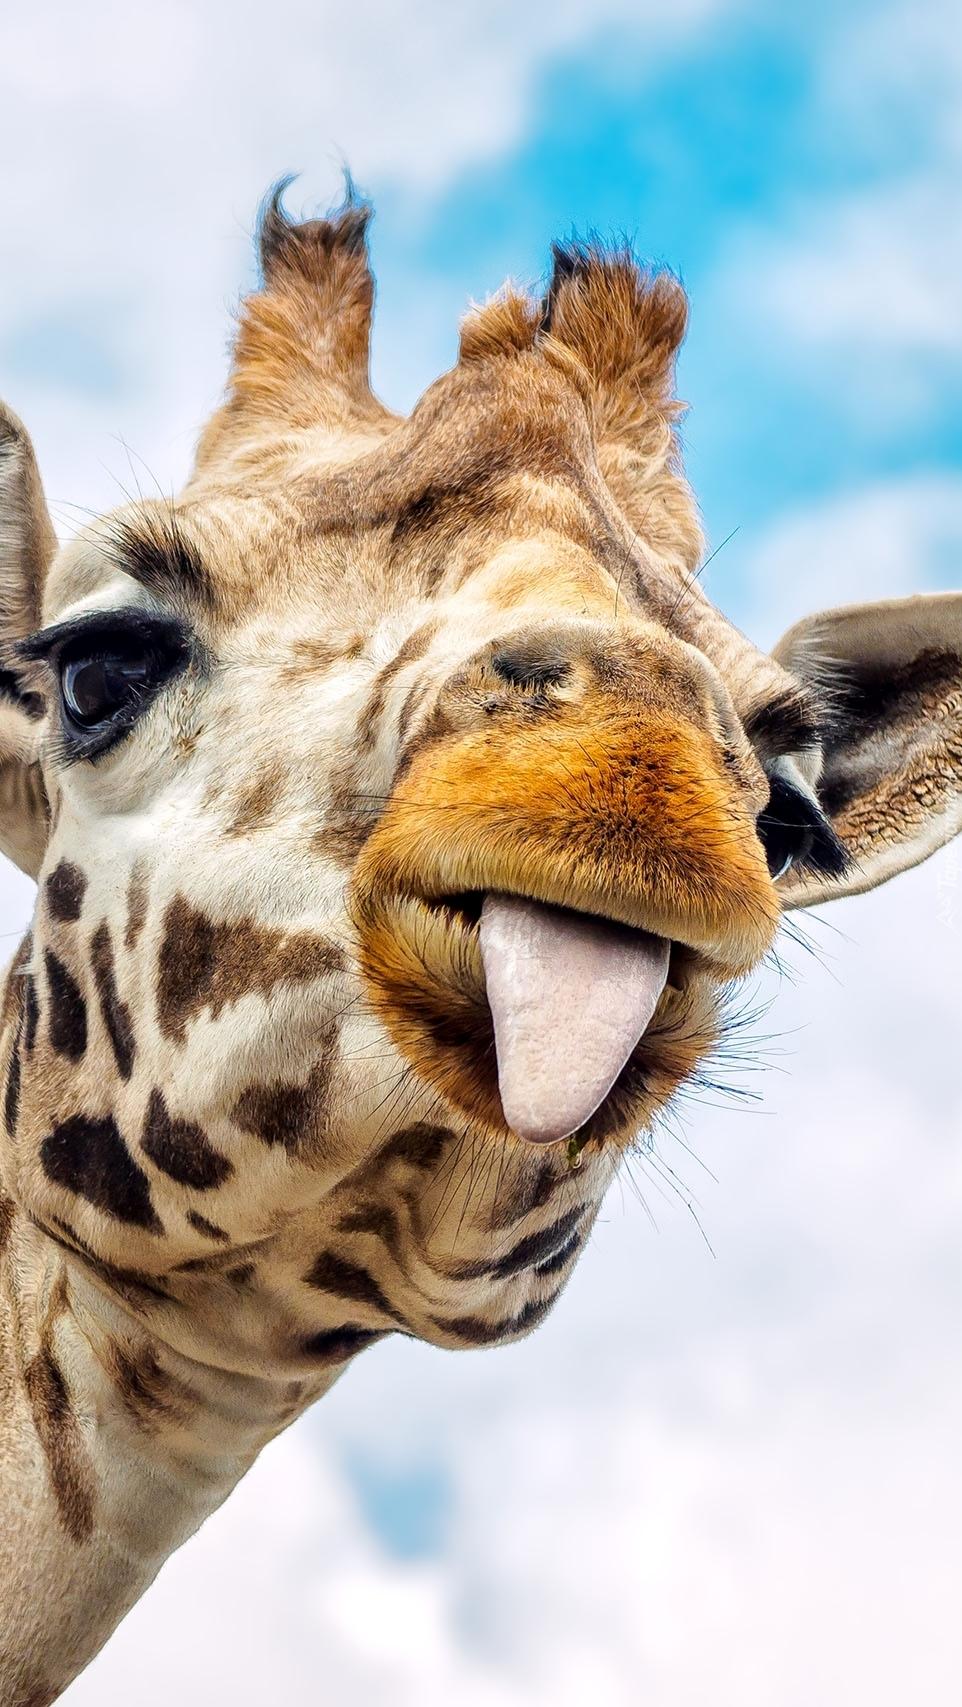 Żyrafa pokazuje język